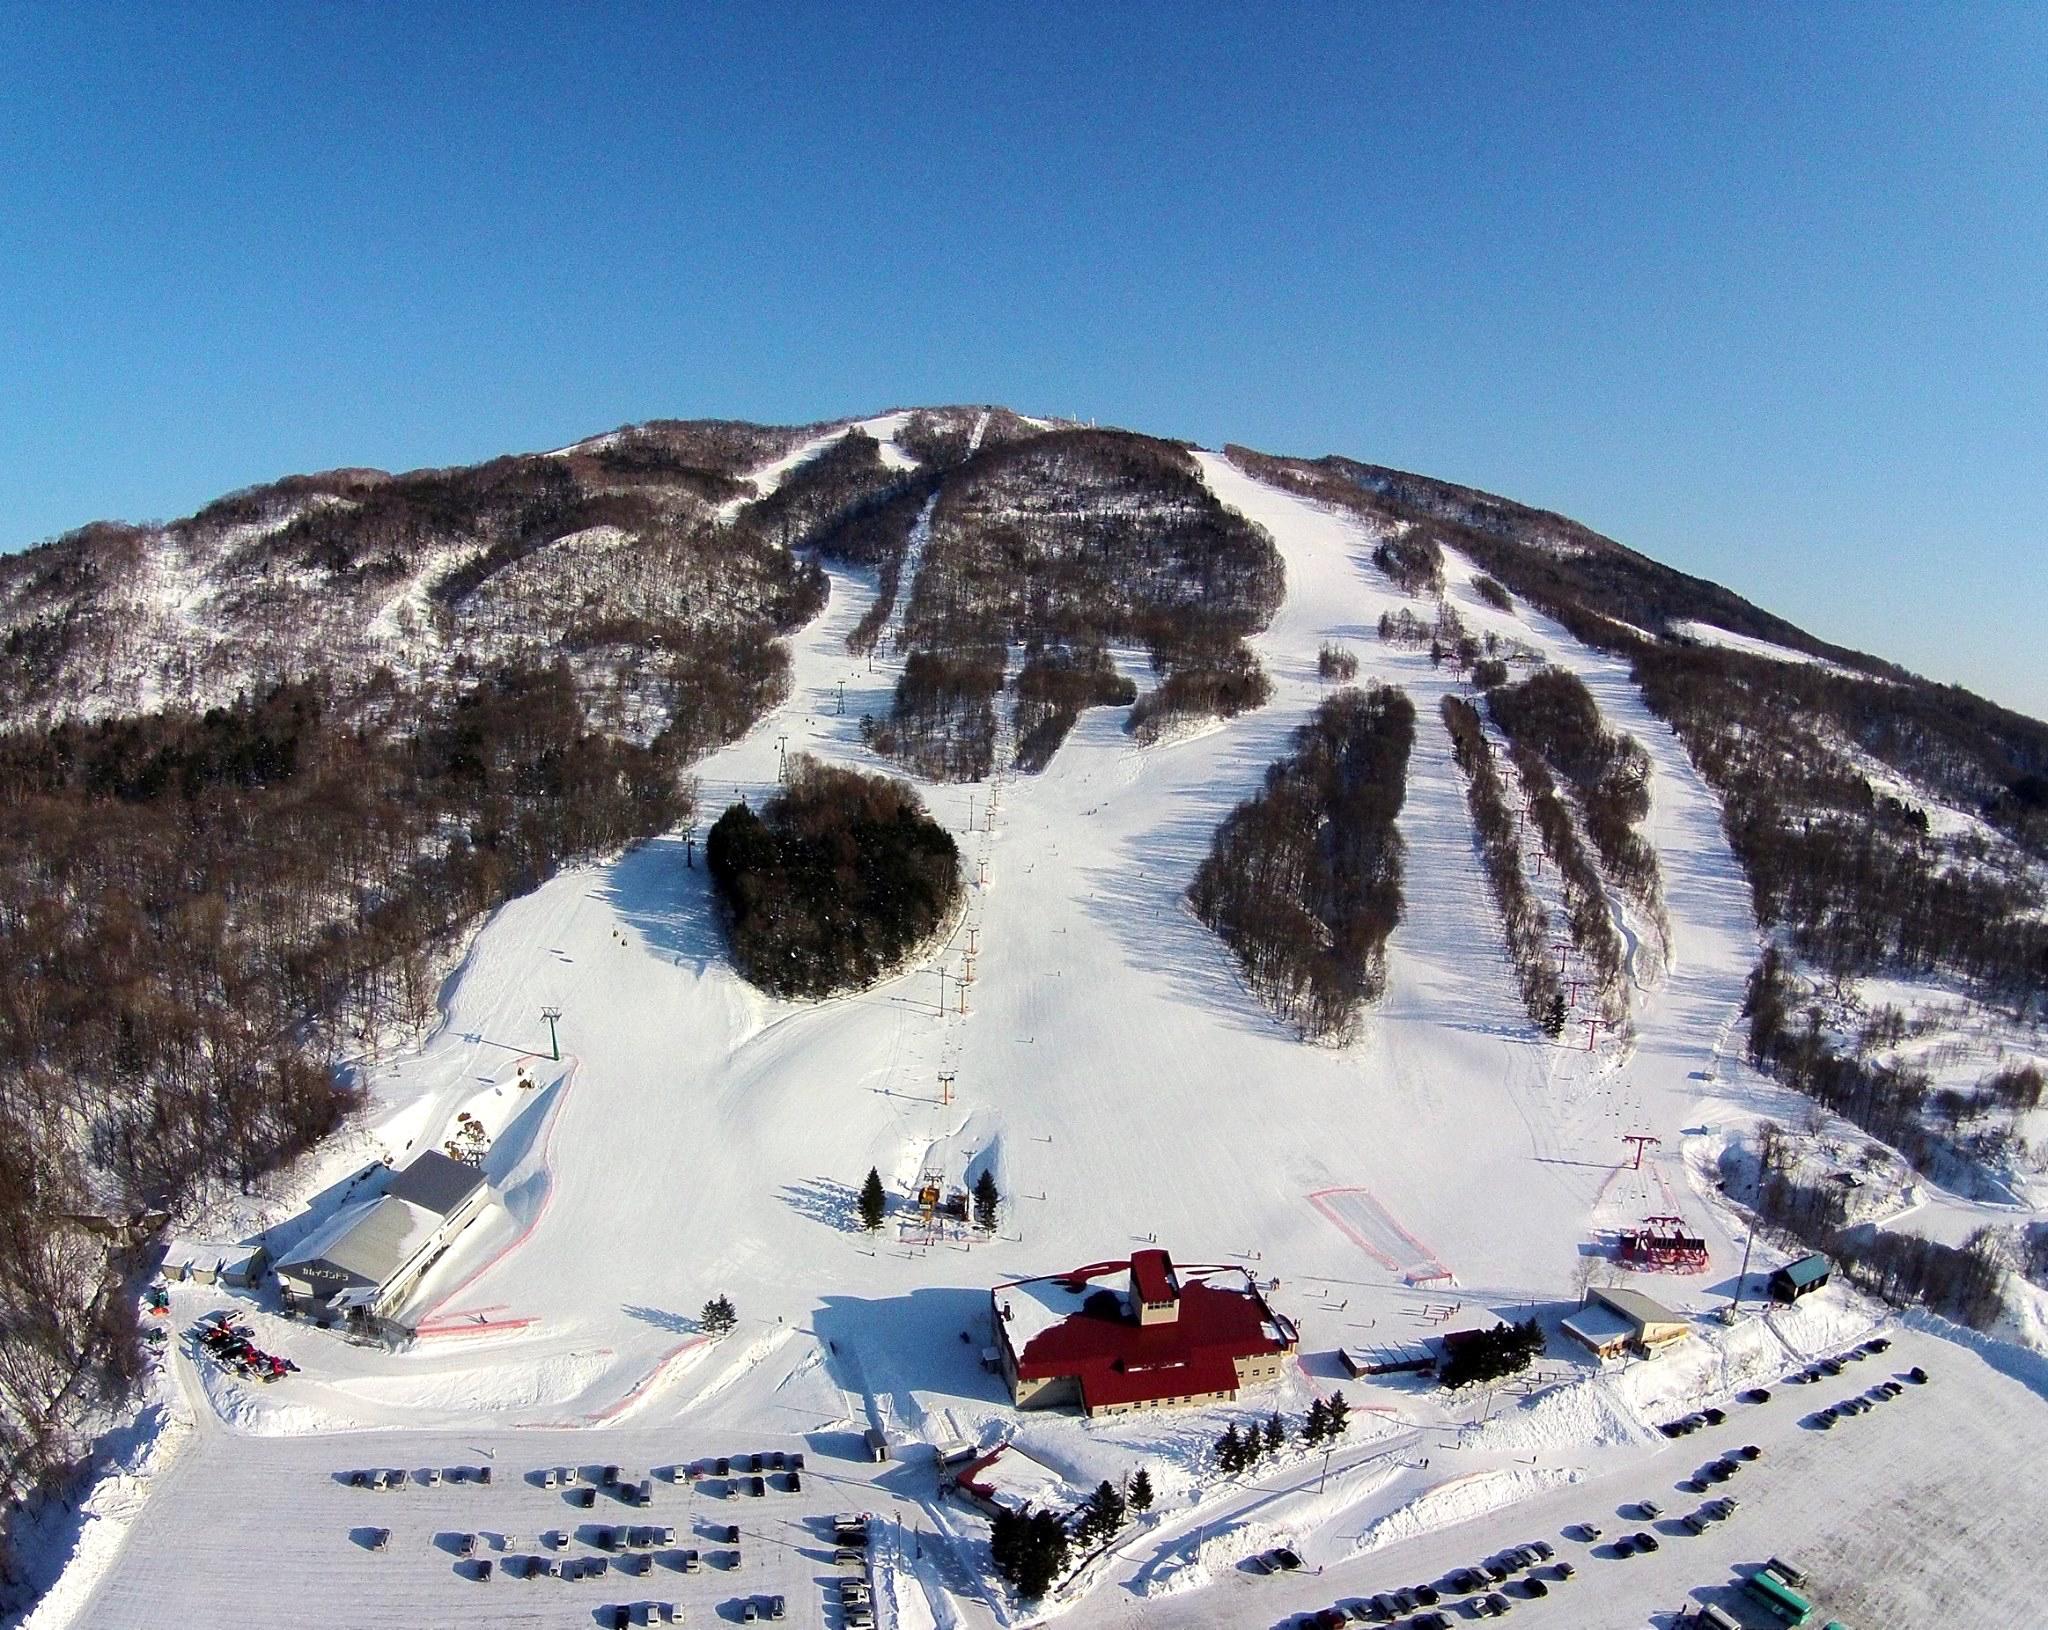 TAISETSU SNOW AREA